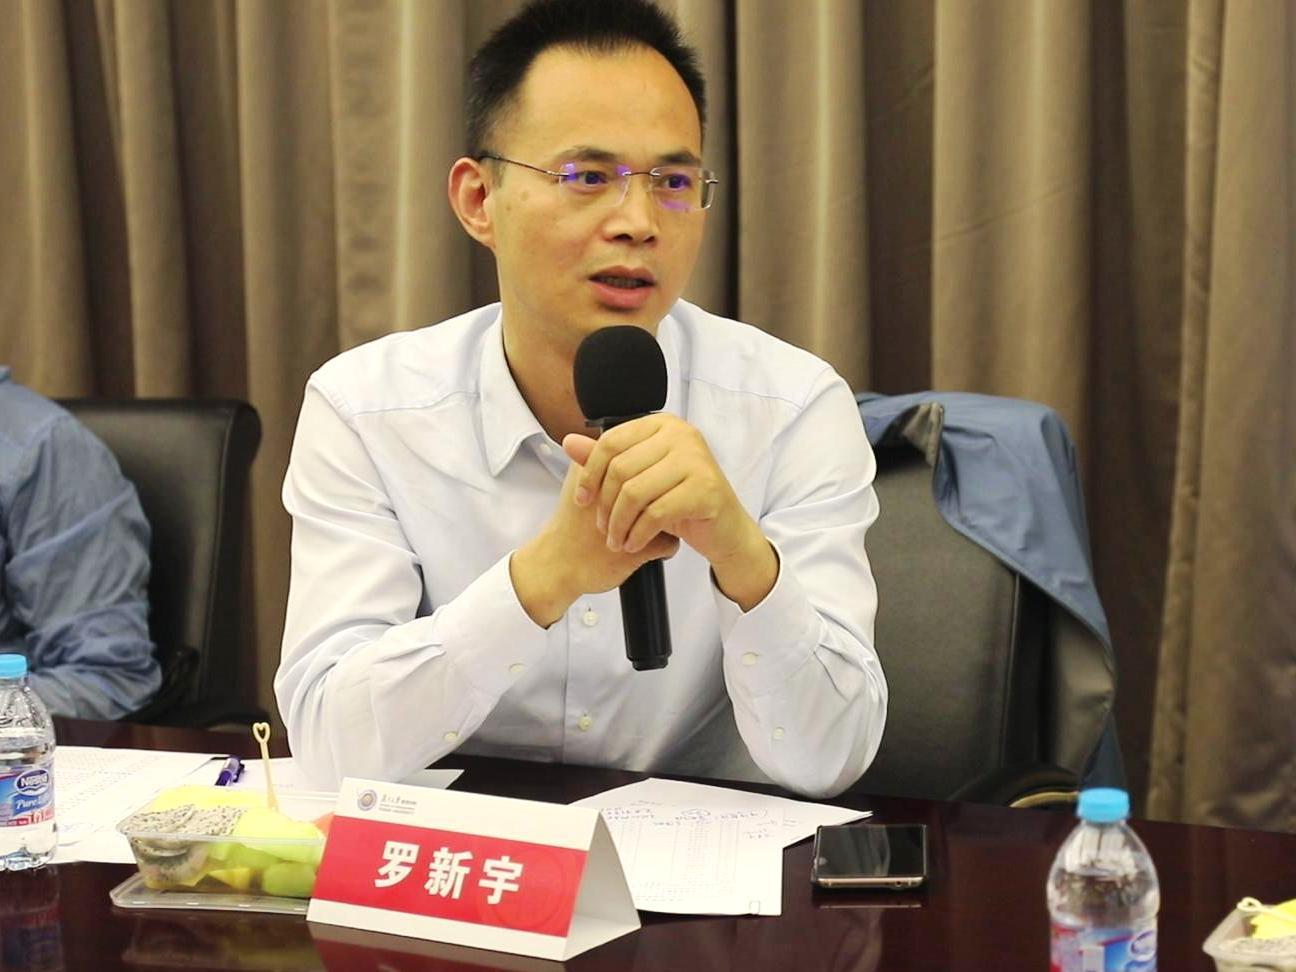 上海國資研究院副秘書長 羅新宇